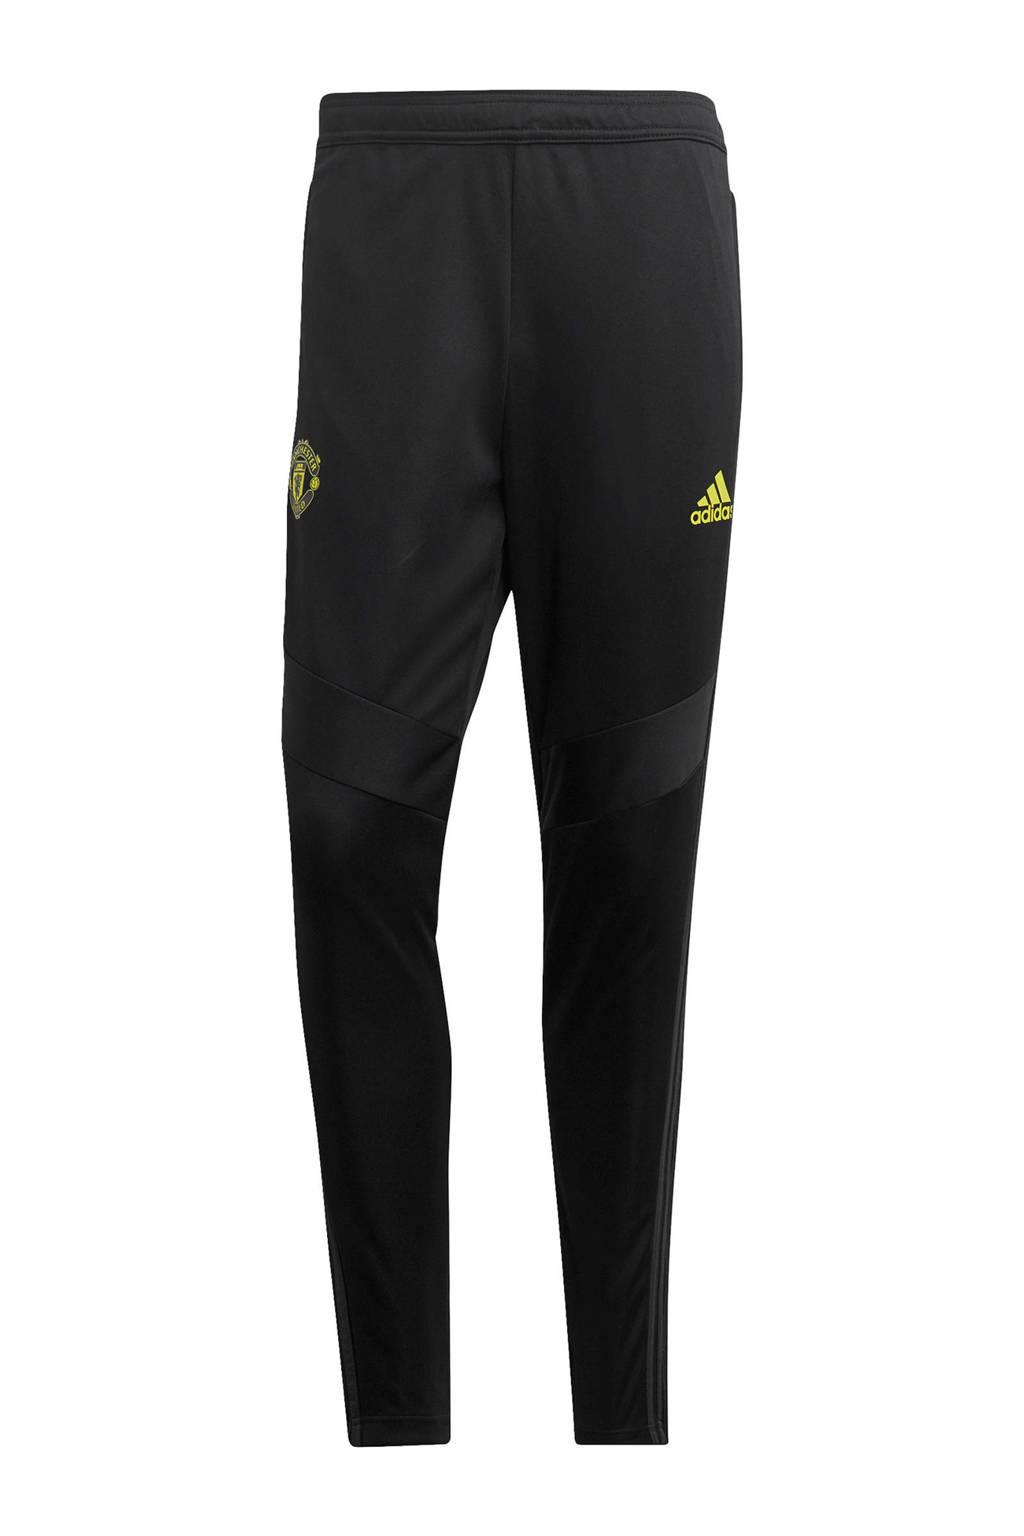 adidas Senior Manchester United voetbalbroek Training, Zwart/grijs